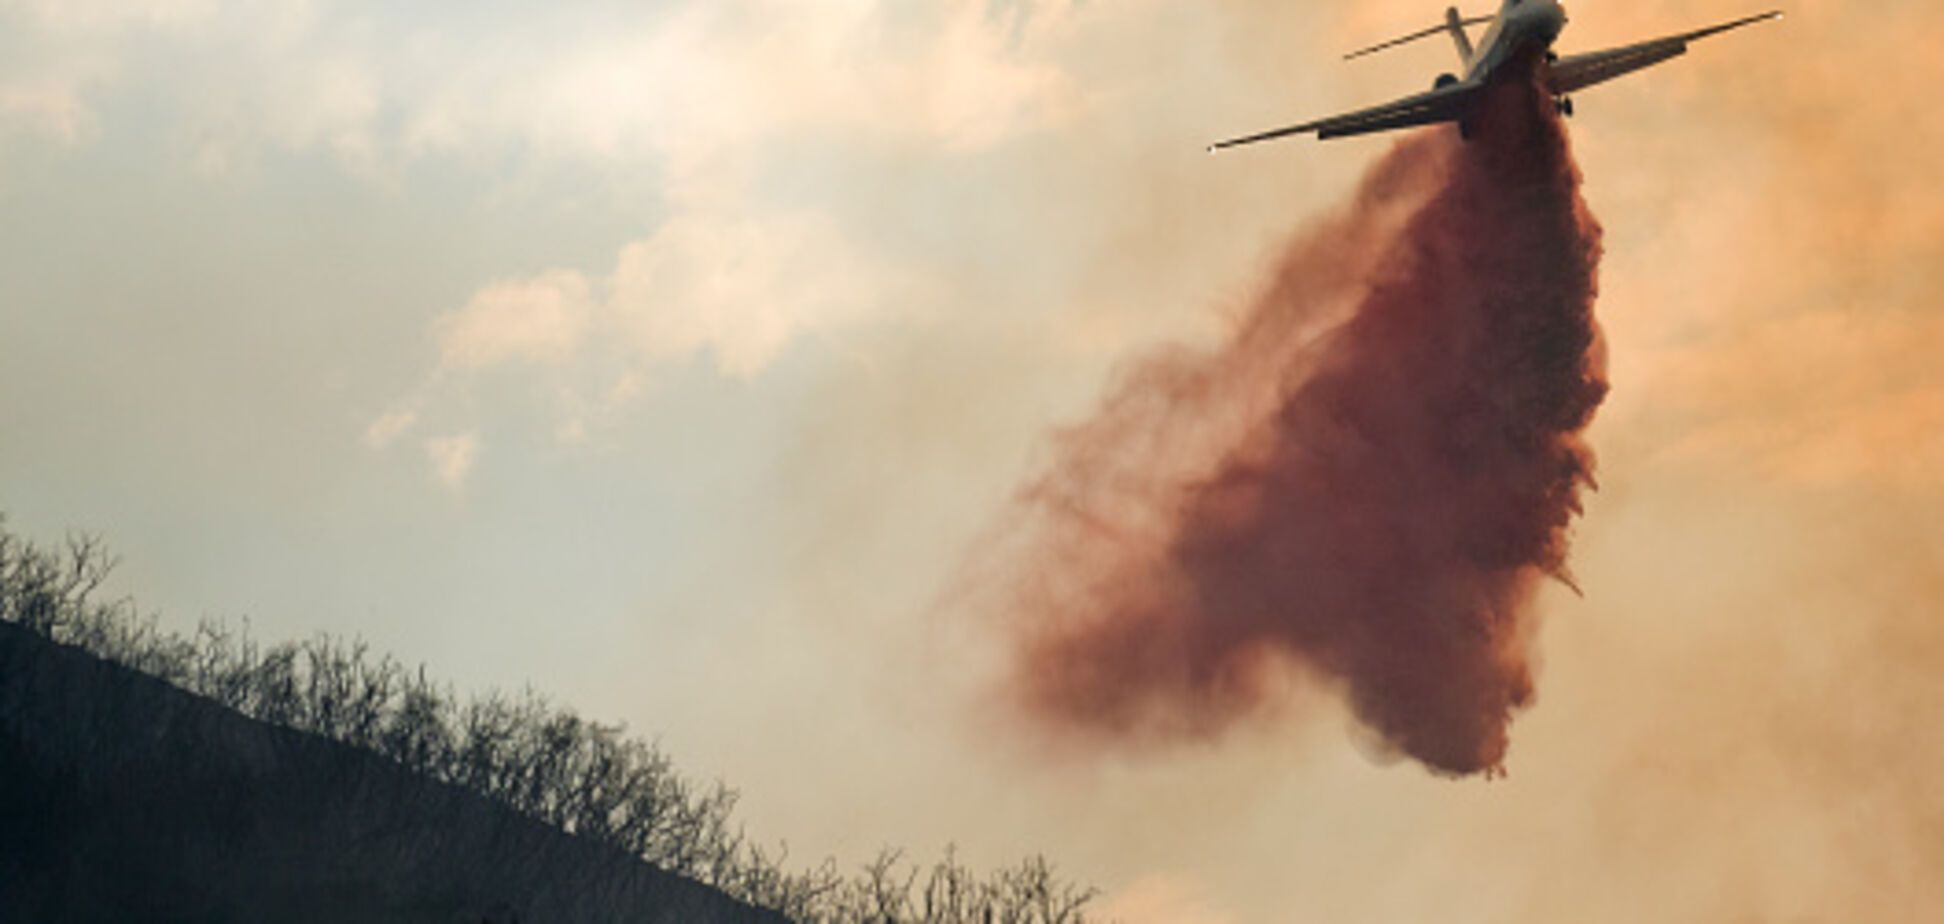 ЧП в Калиновке: вернувшихся жителей предупредили о новых взрывах